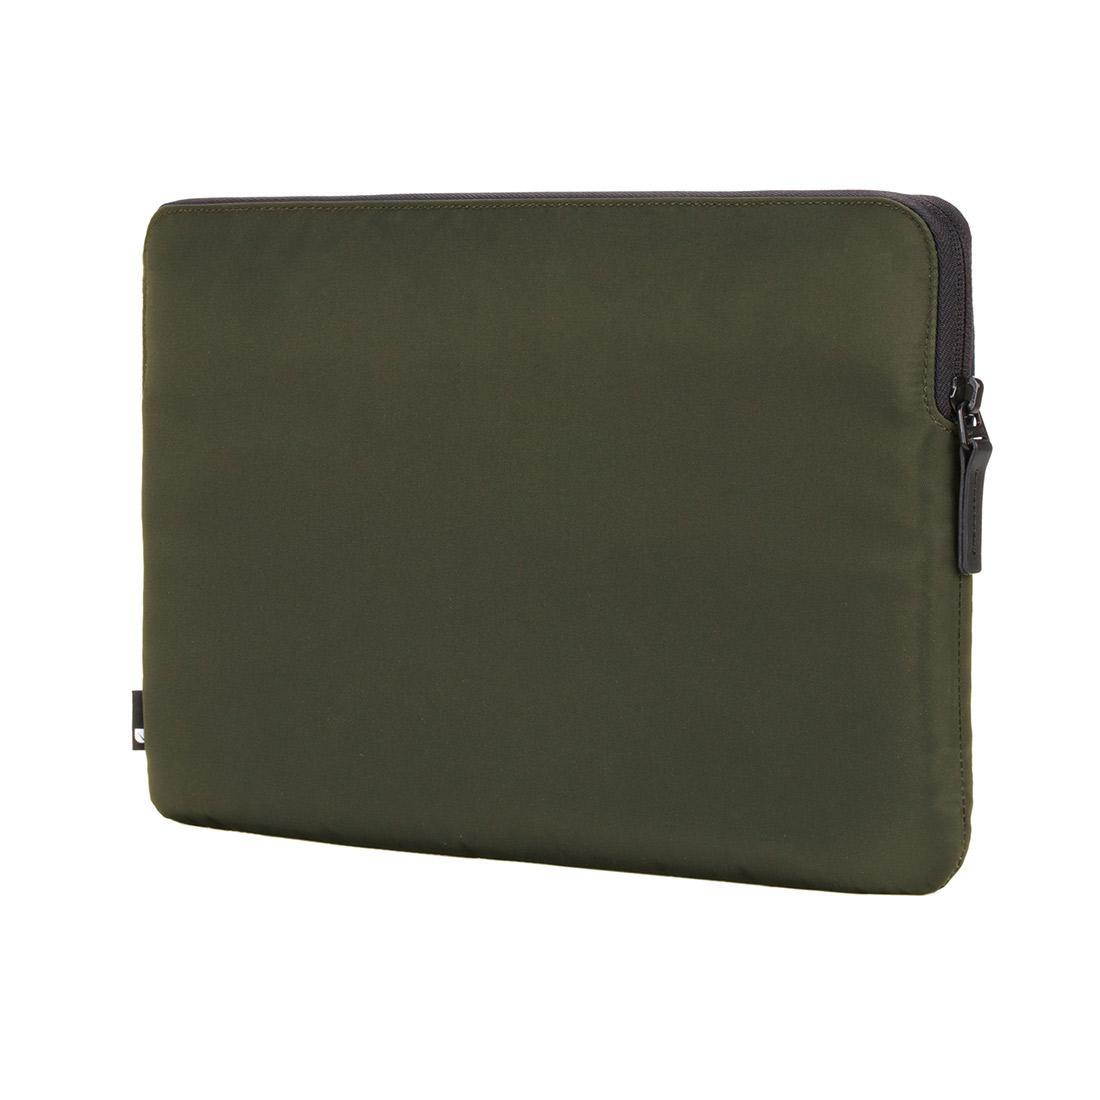 [인케이스]Incase Compact Sleeve in Flight Nylon for 15&16 inch MacBook Pro - Olive INMB100336-OLV